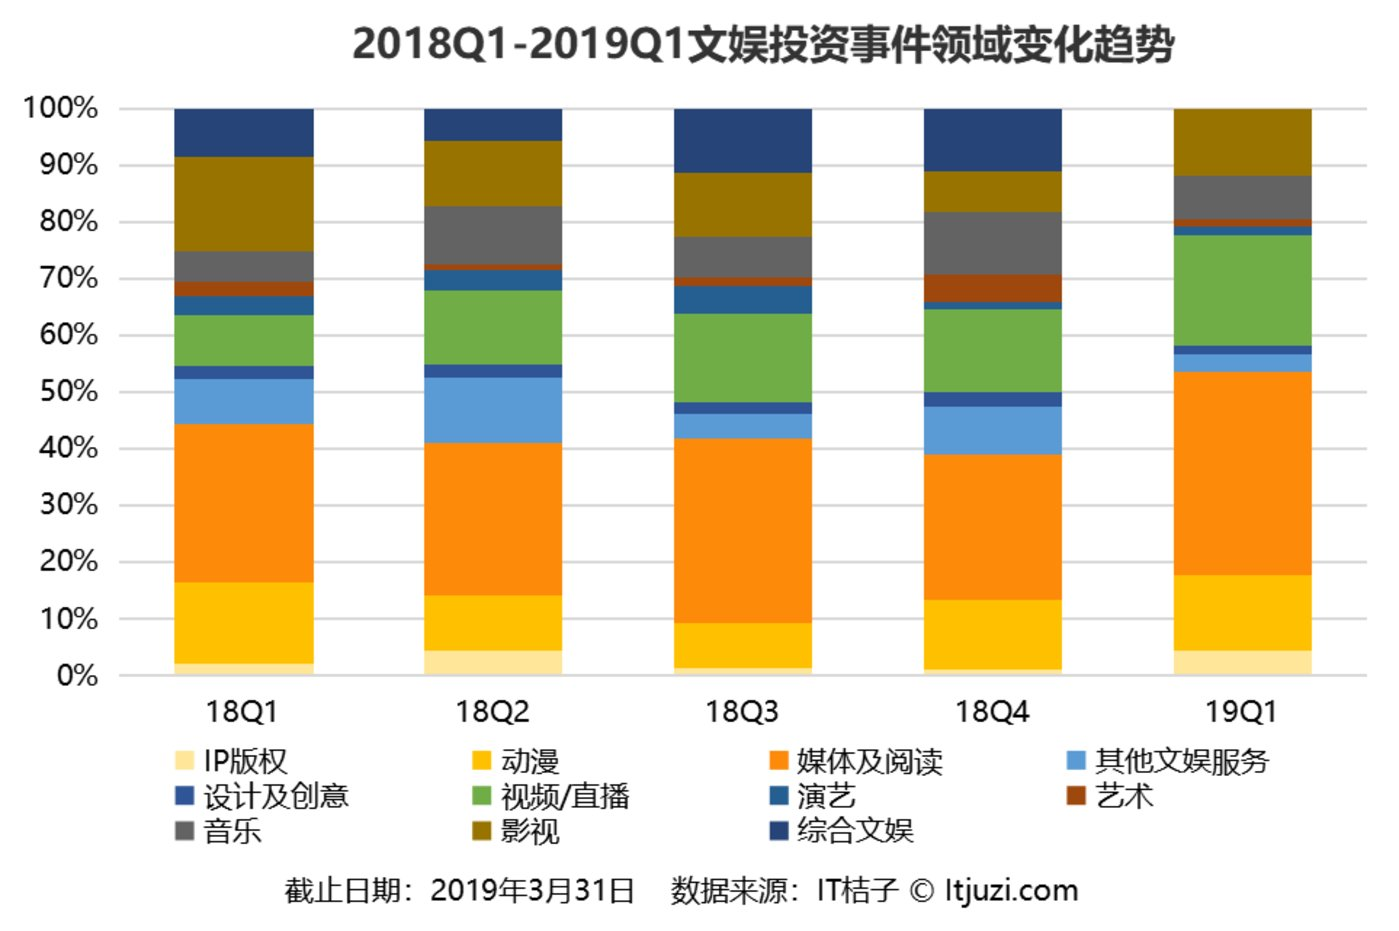 2019Q1 文娱投资大缩水,投资机构「难说爱你」